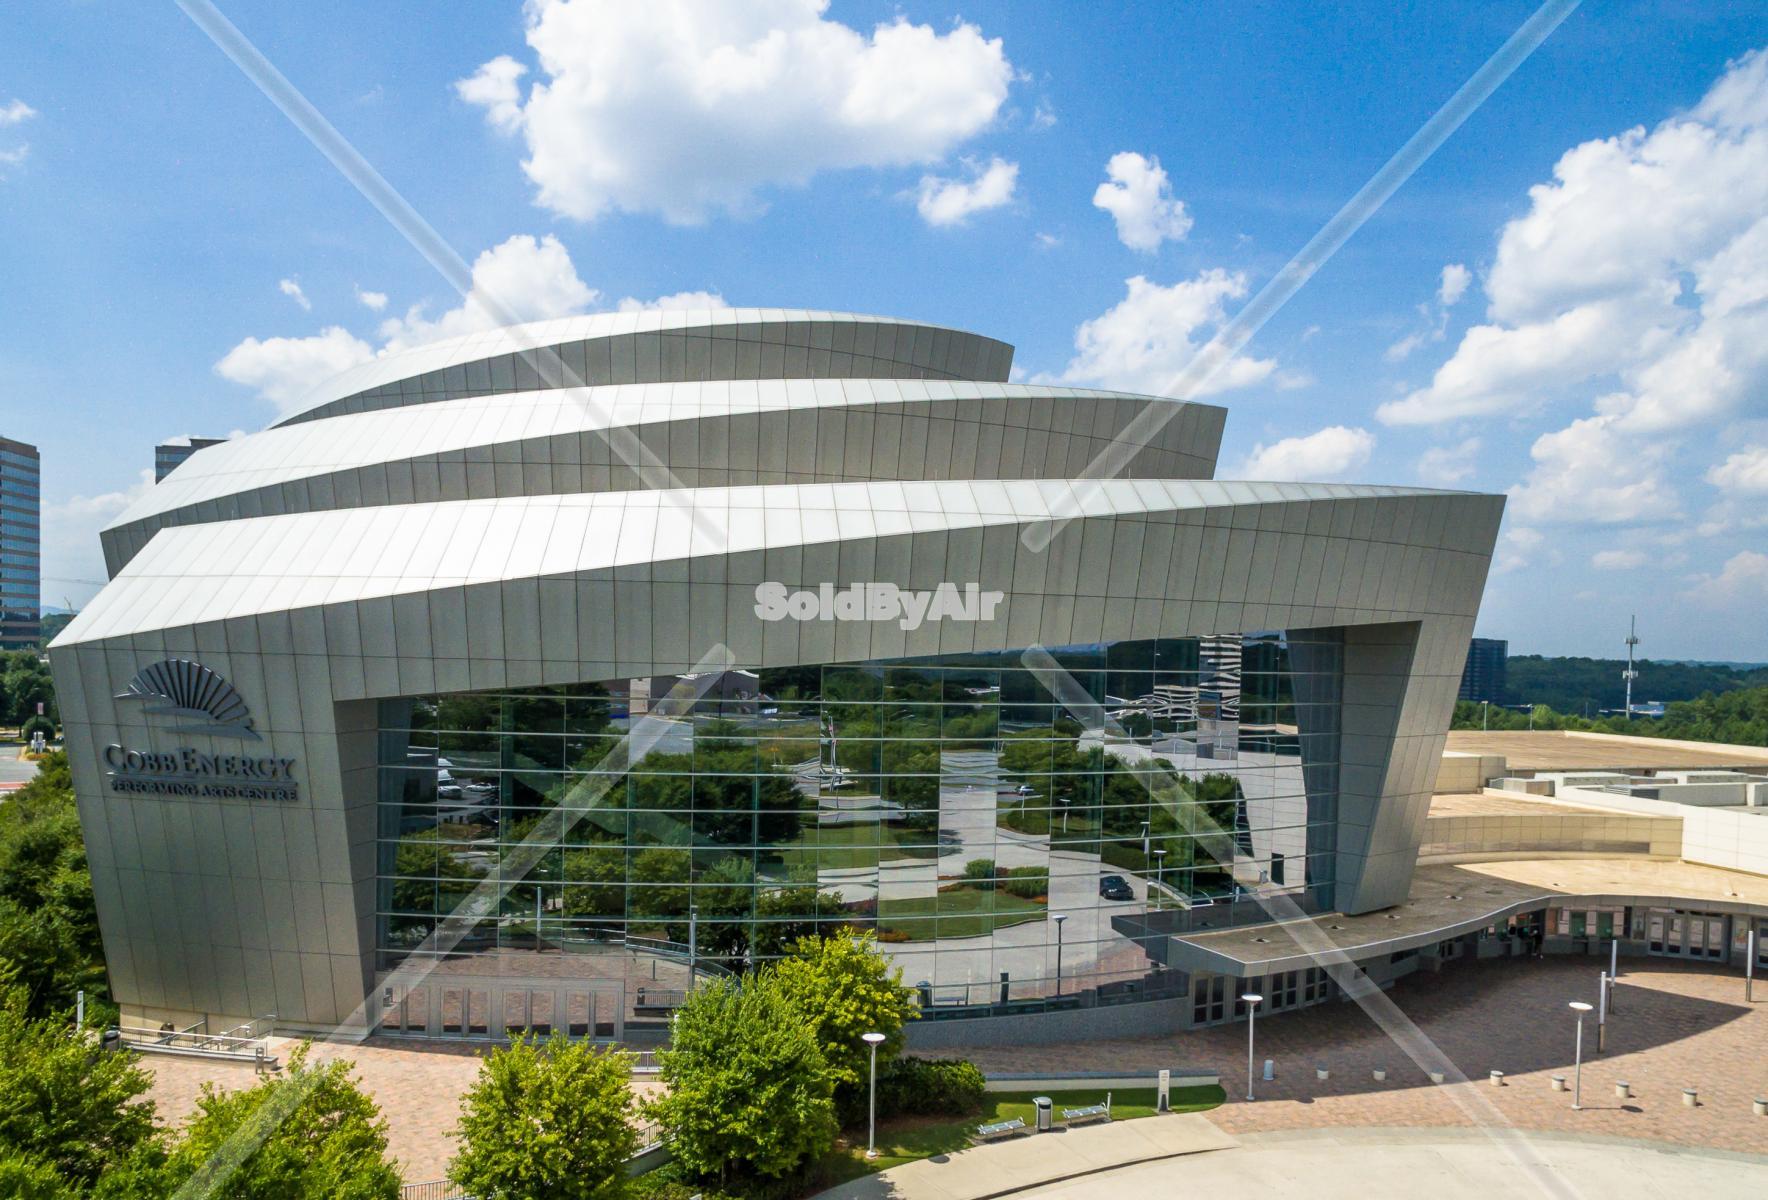 Drone Photo of Cobb Energy Performing Arts Centre, Cobb Galleria  in Atlanta Georgia